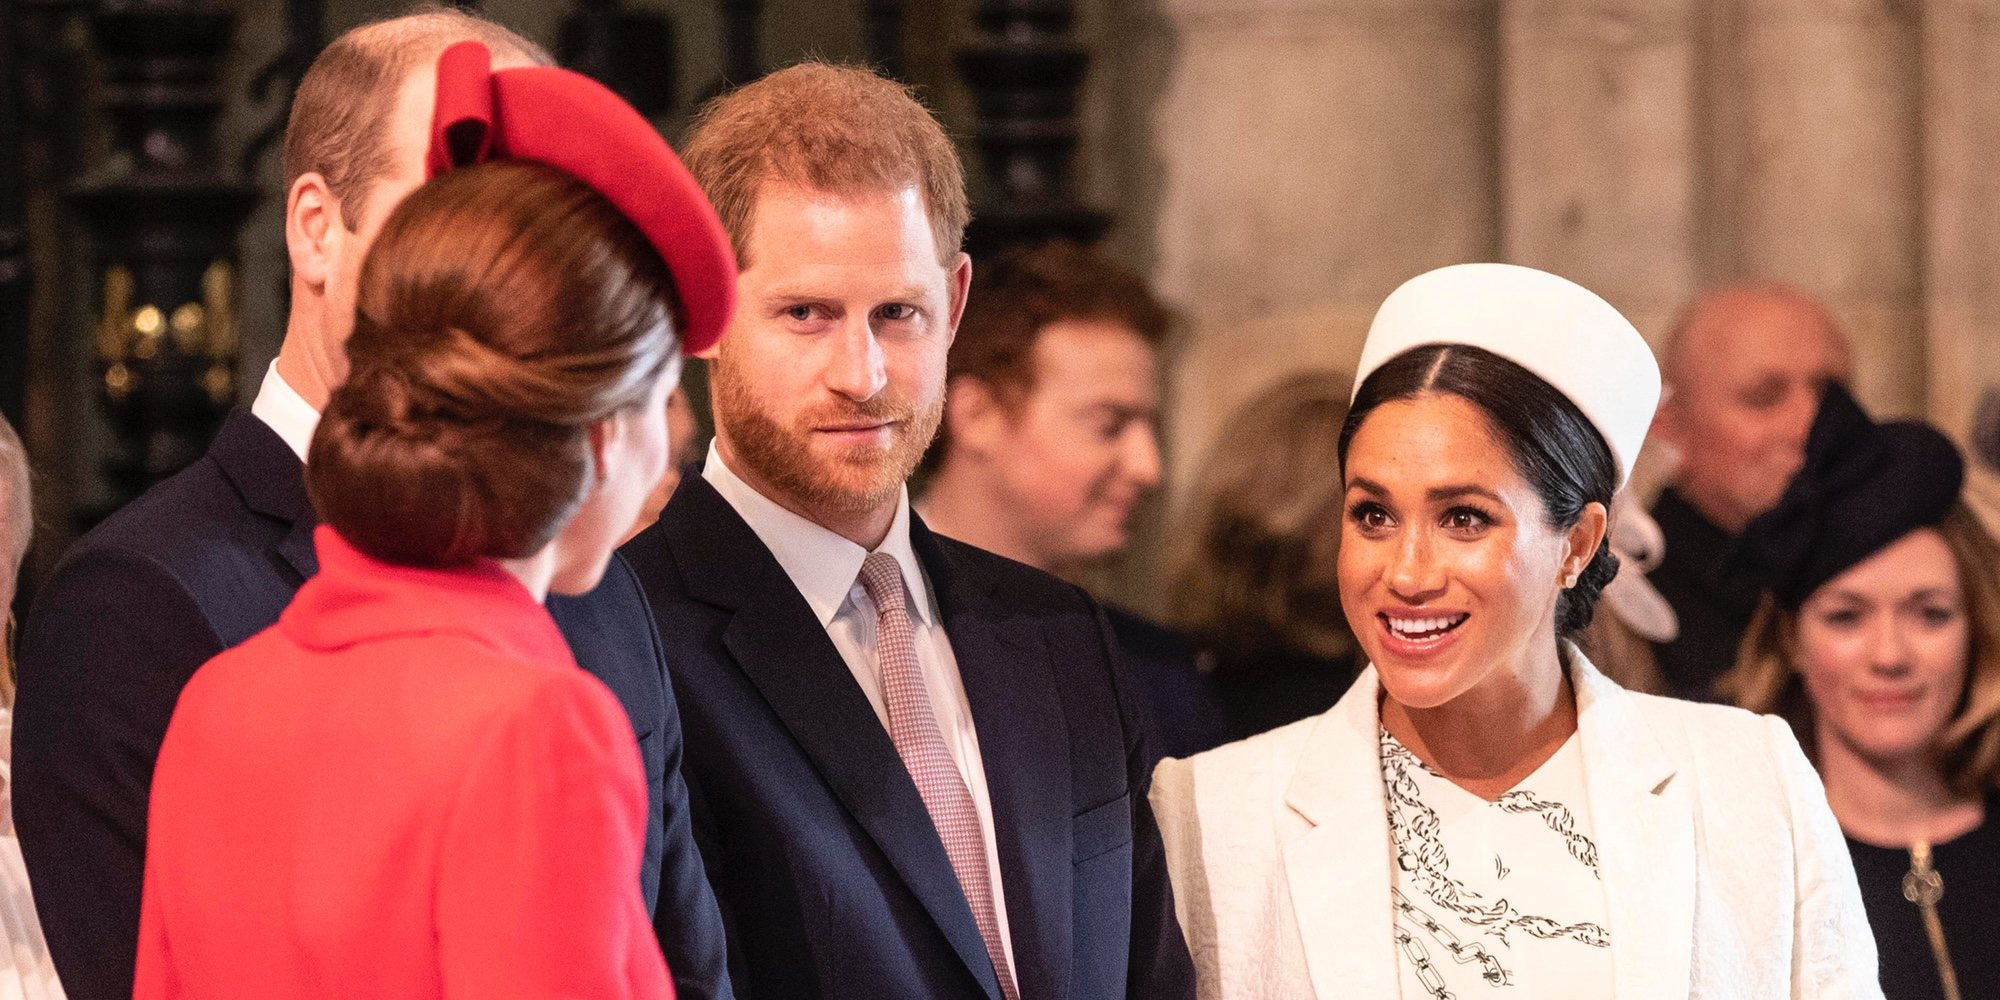 La complicidad entre Kate Middleton y Meghan Markle marca el Día de la Commonwealth 2019